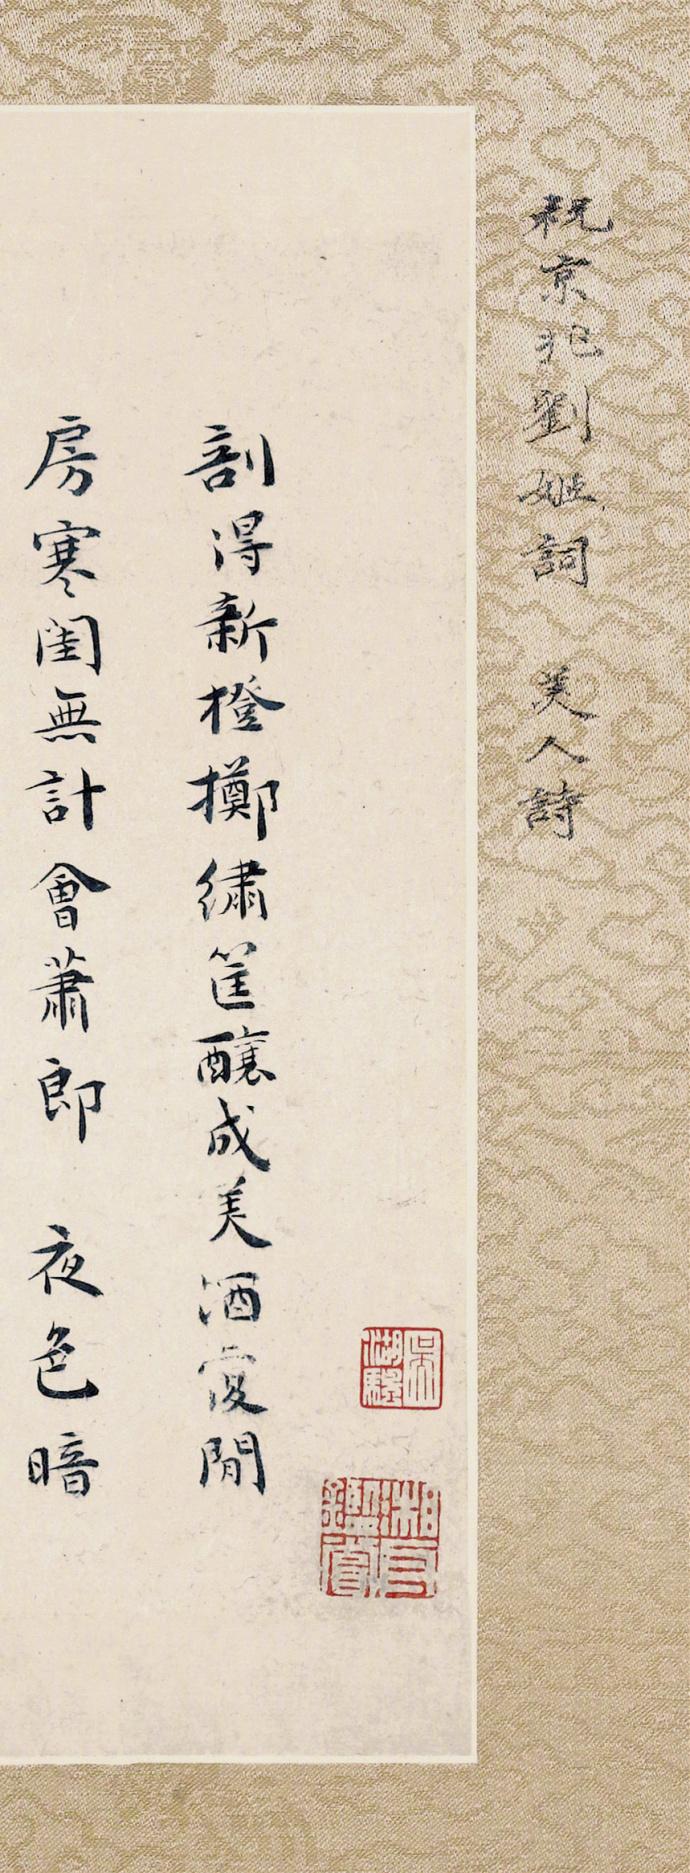 祝允明录刘姬词及致朱凯札丨上海博物馆藏】装裱在一起的两件作品